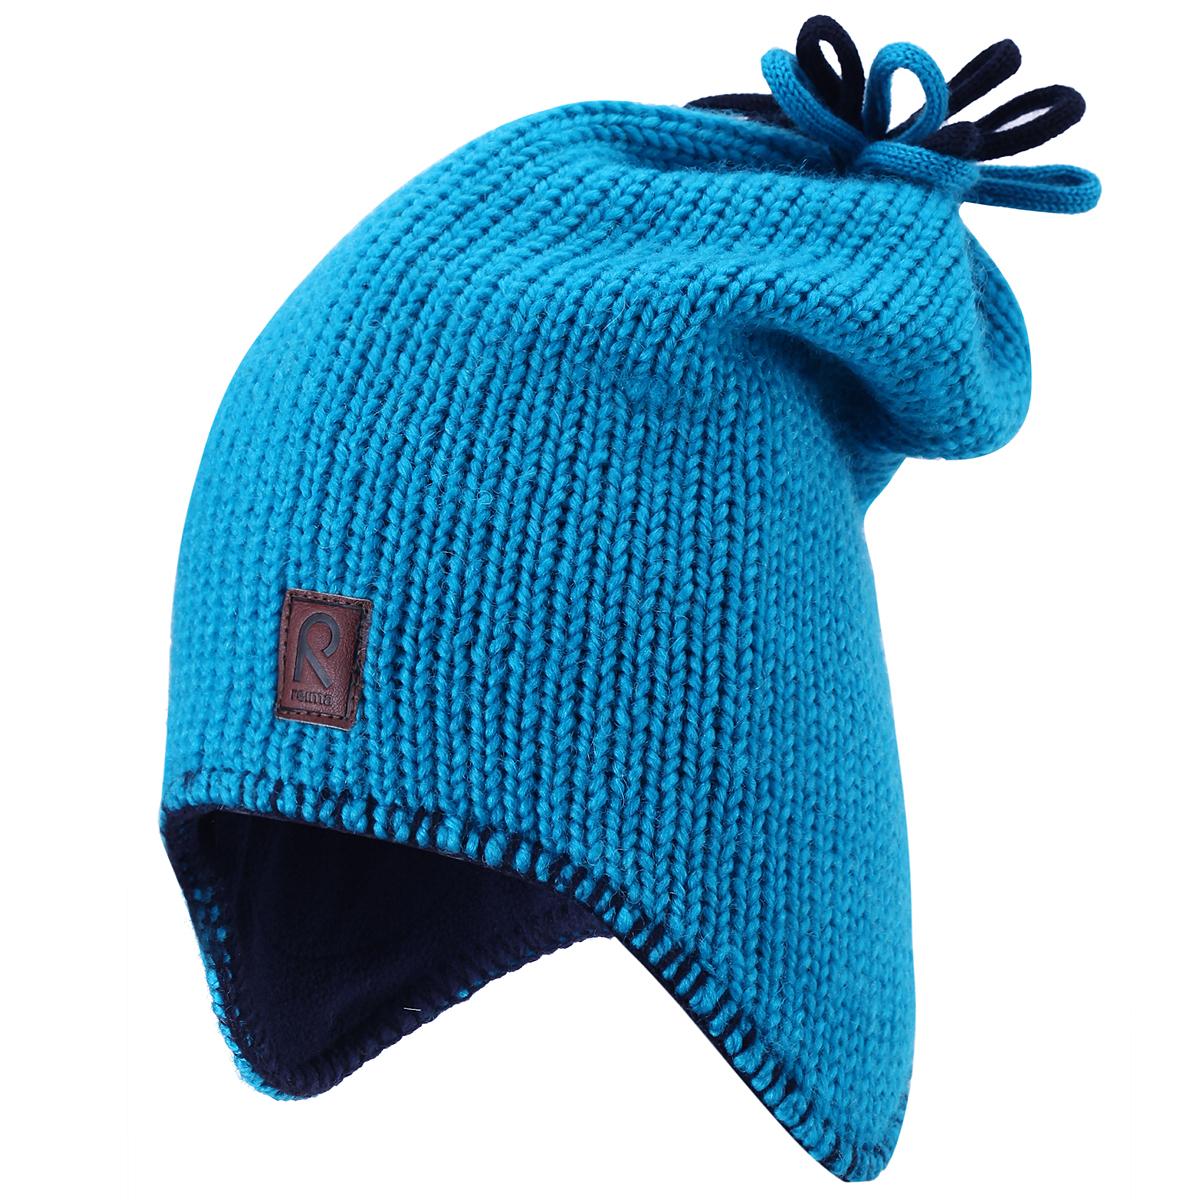 Шапка детская528327_7890Комфортная детская шапка Reima Lodestar идеально подойдет для прогулок в холодное время года. Вязаная шапка с ветрозащитными вставками в области ушей, выполненная из шерстяной пряжи, максимально сохраняет тепло, она мягкая и идеально прилегает к голове. Шерсть хорошо тянется и устойчива к сминанию. Мягкая подкладка выполнена из флиса, поэтому шапка хорошо сохраняет тепло и обладает отличной гигроскопичностью (не впитывает влагу, но проводит ее). Удлиненная шапка на макушке дополнена цветными декоративными петельками, оформлена по краю контрастной нитью и спереди небольшой нашивкой из искусственной кожи с названием бренда. Оригинальный дизайн и яркая расцветка делают эту шапку модным и стильным предметом детского гардероба. В ней ваш ребенок будет чувствовать себя уютно и комфортно и всегда будет в центре внимания! Уважаемые клиенты! Размер, доступный для заказа, является обхватом головы ребенка.